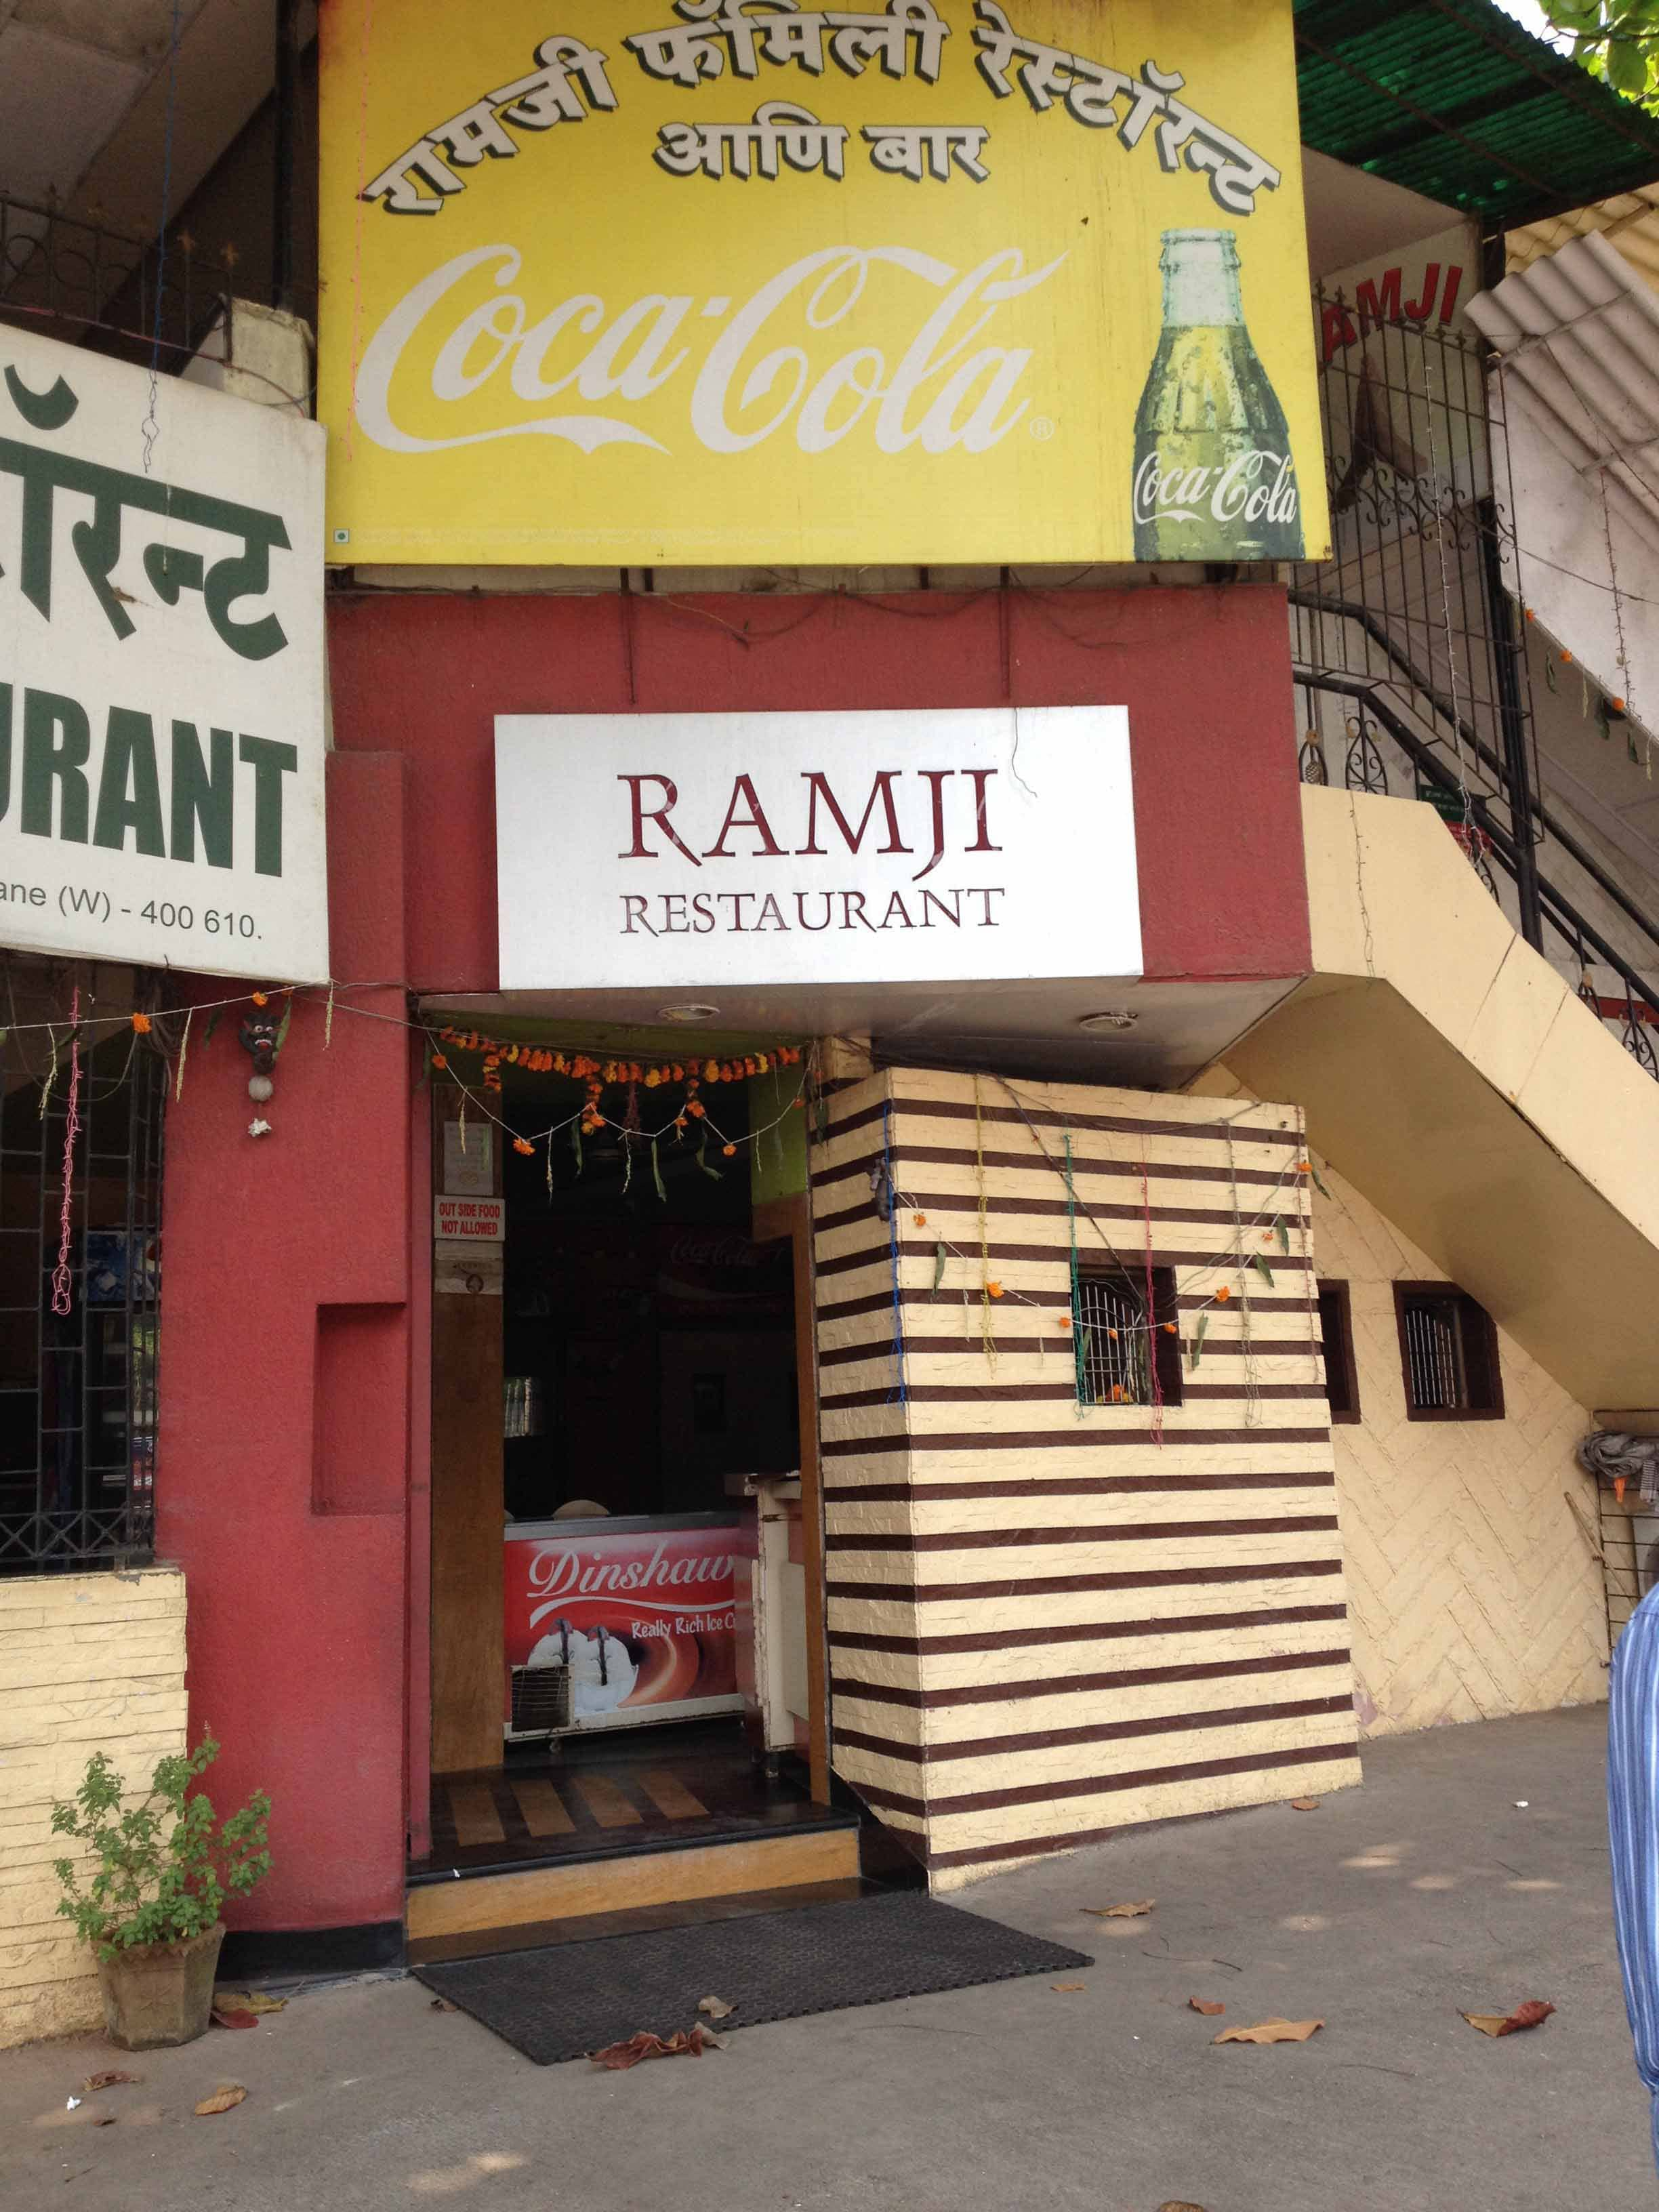 Ramji Garden Restaurant - Manpada - Thane Image